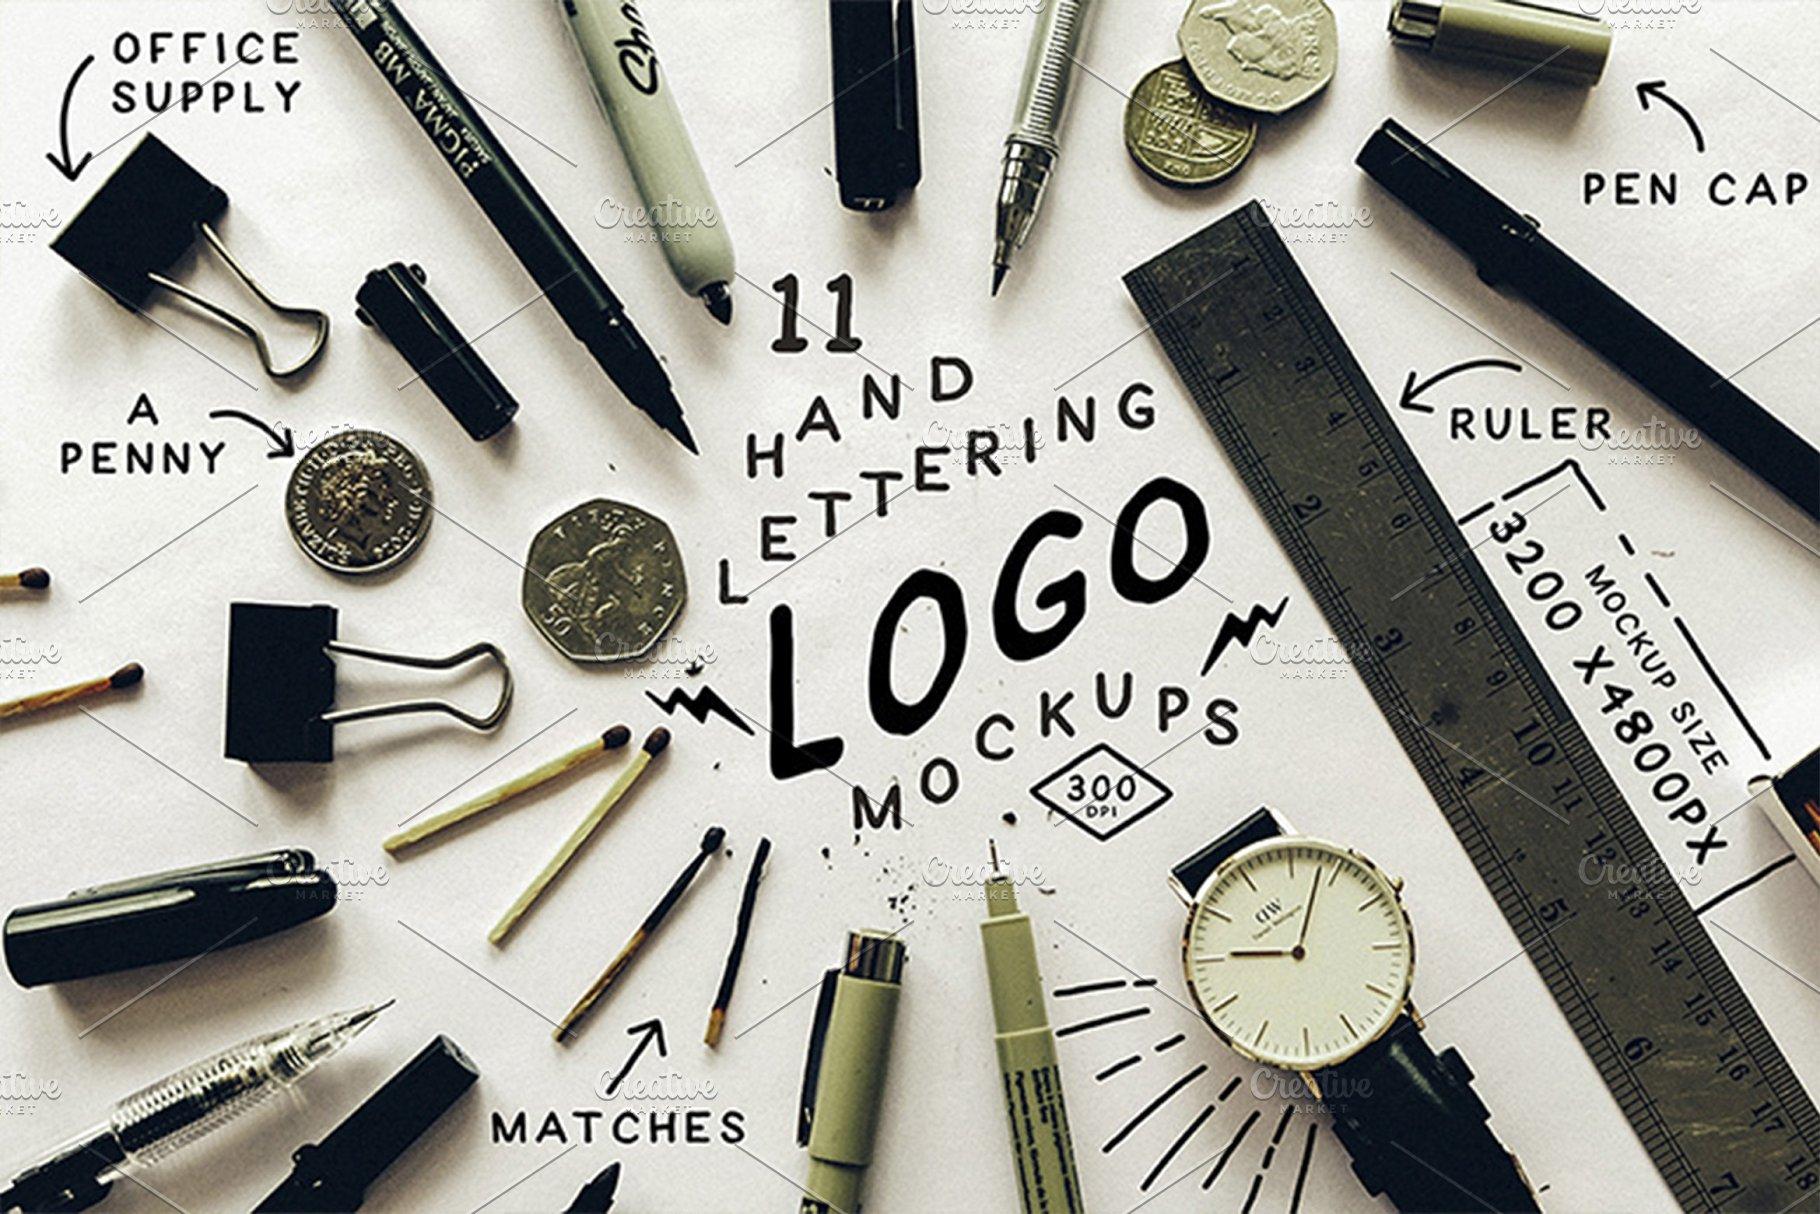 hand-lettering-logo-mockups-6-.jpg